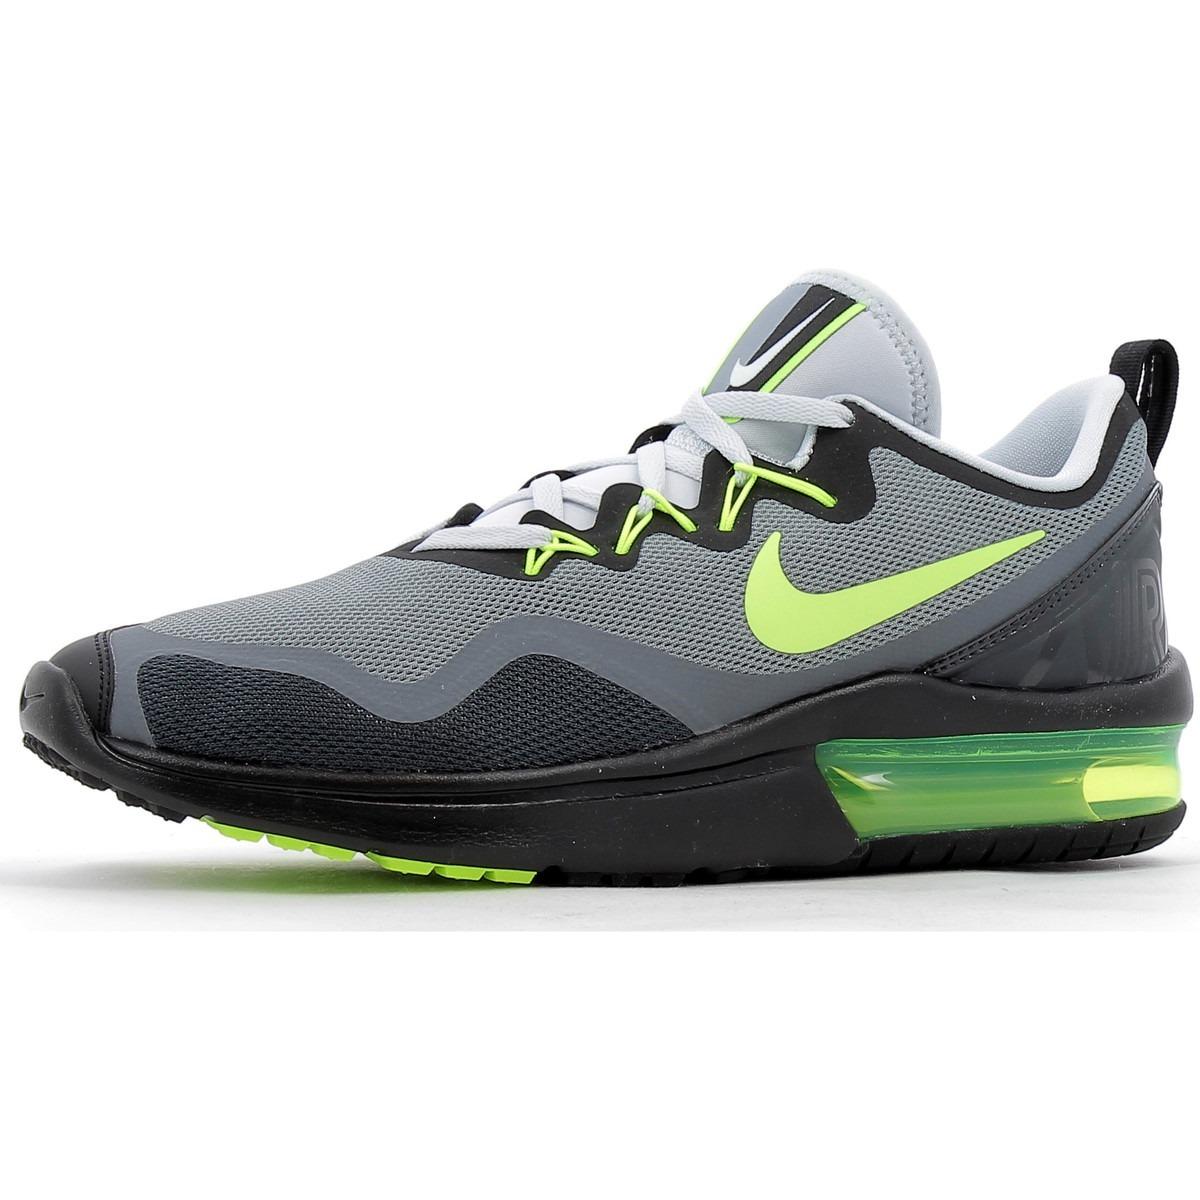 innovative design ea8e0 5e9a8 zapatillas nike air max fury hombre urbanas c/ env gratis. Cargando zoom.